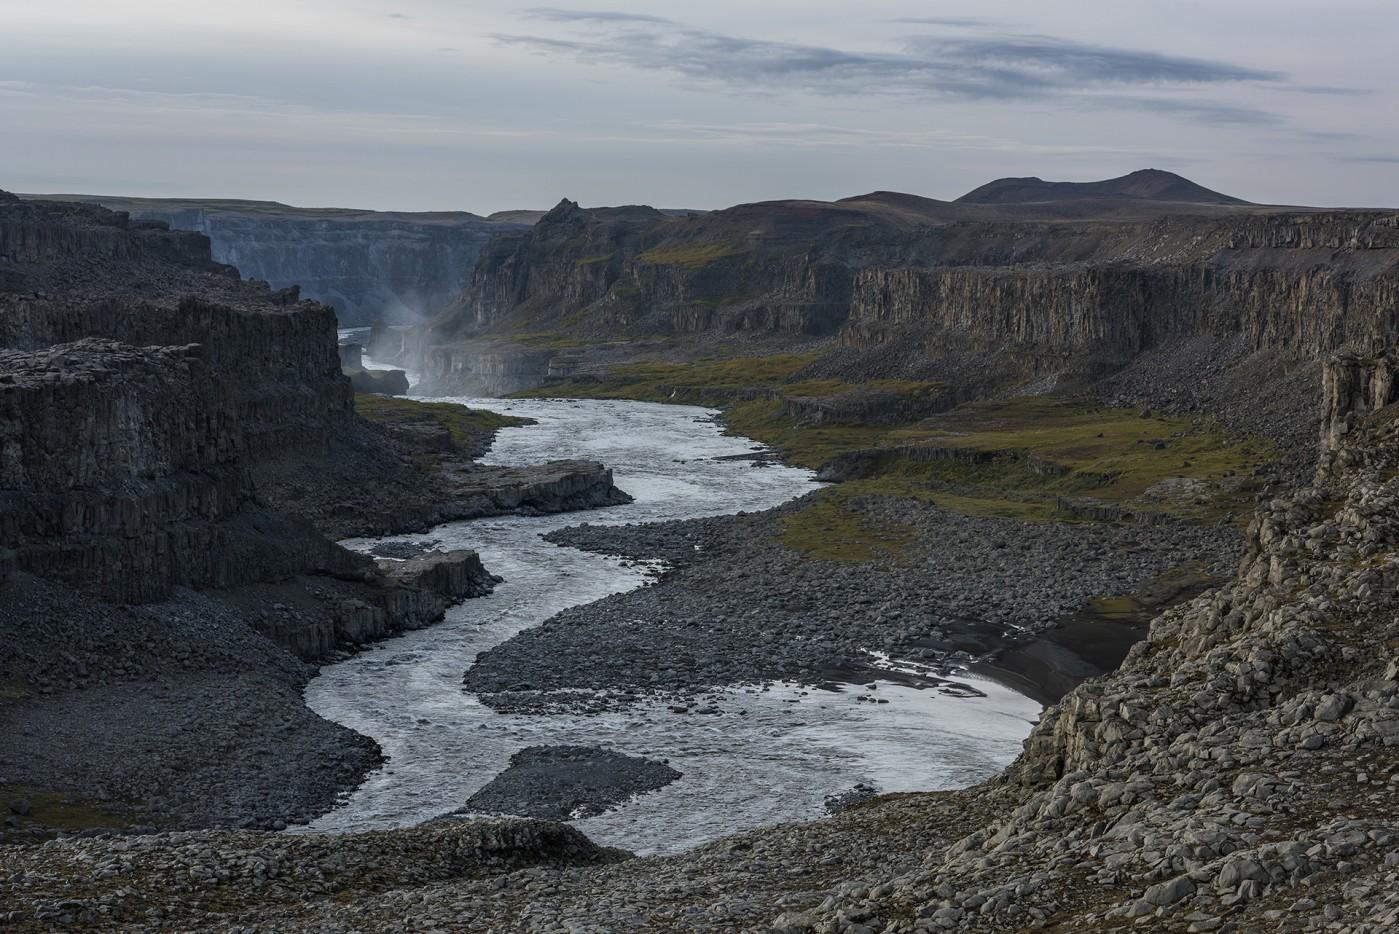 Jokulsa Canyon